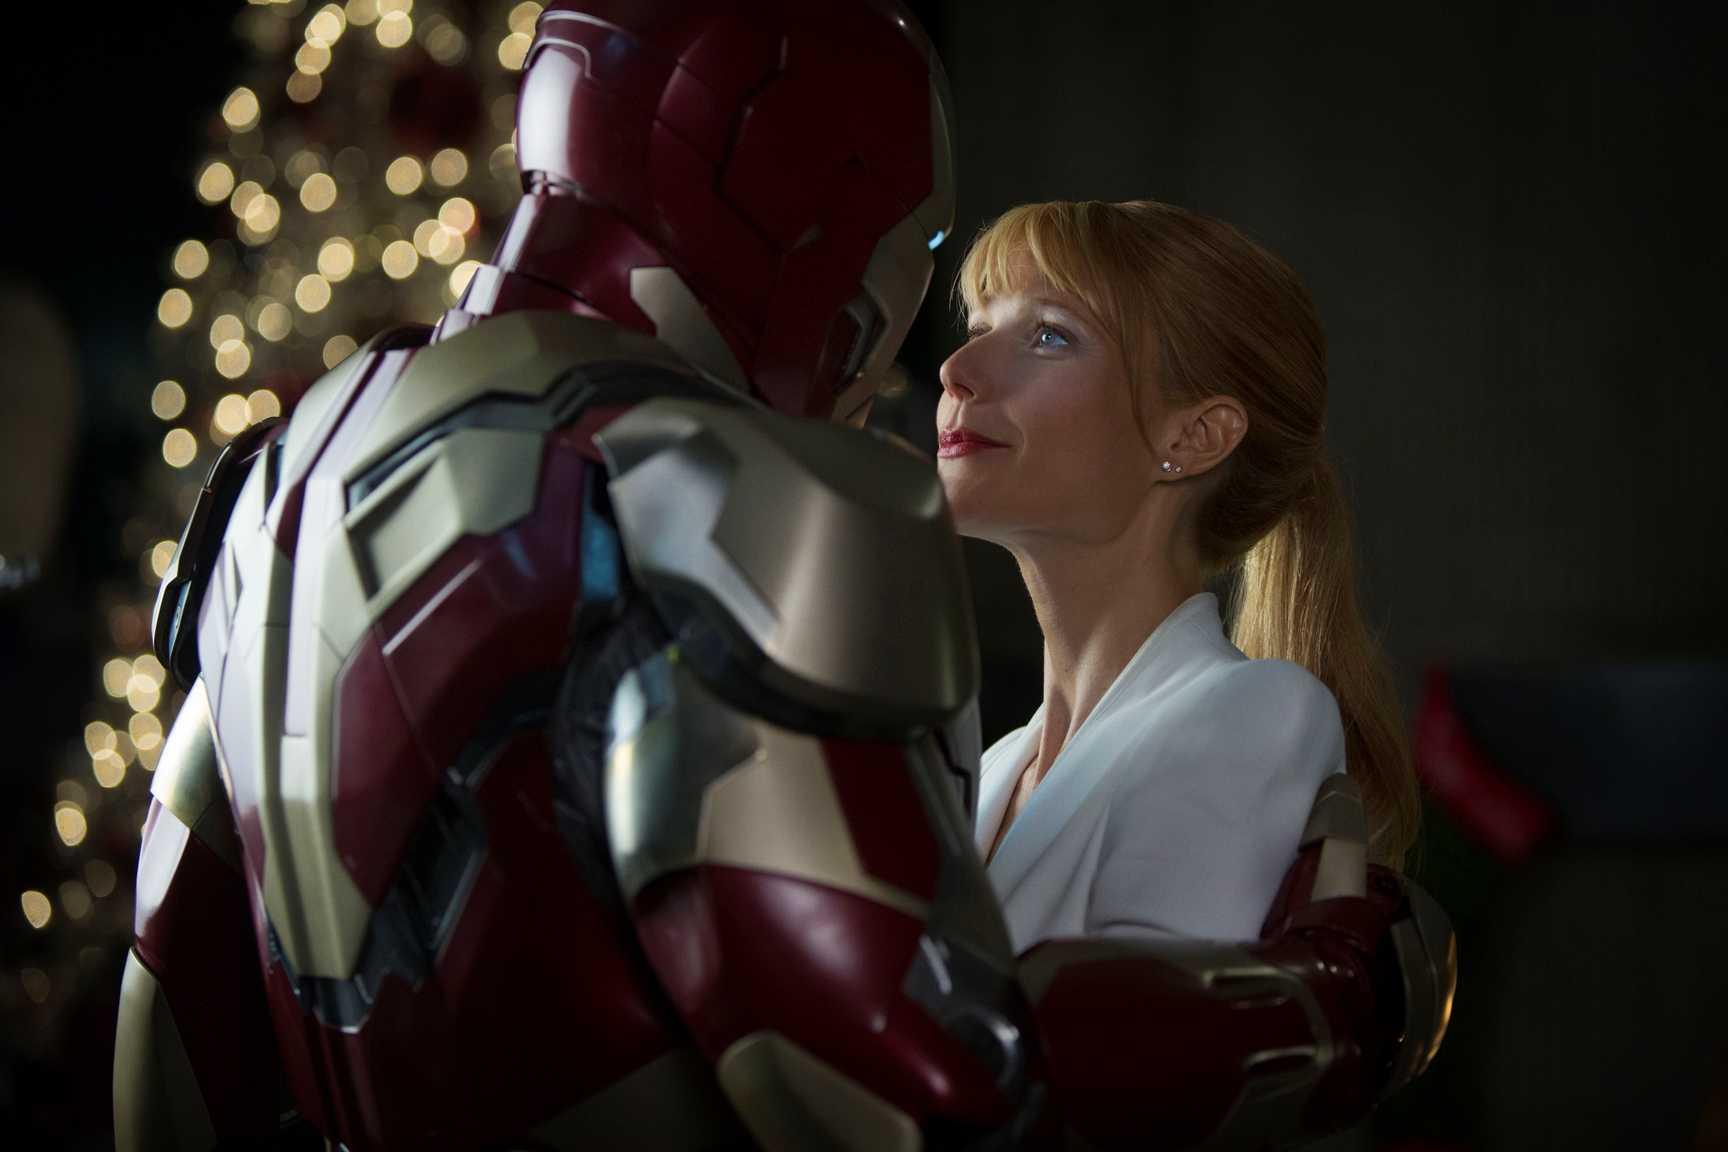 Sky Cinema Heroes: al via domani il canale dedicato ai supereroi | Digitale terrestre: Dtti.it